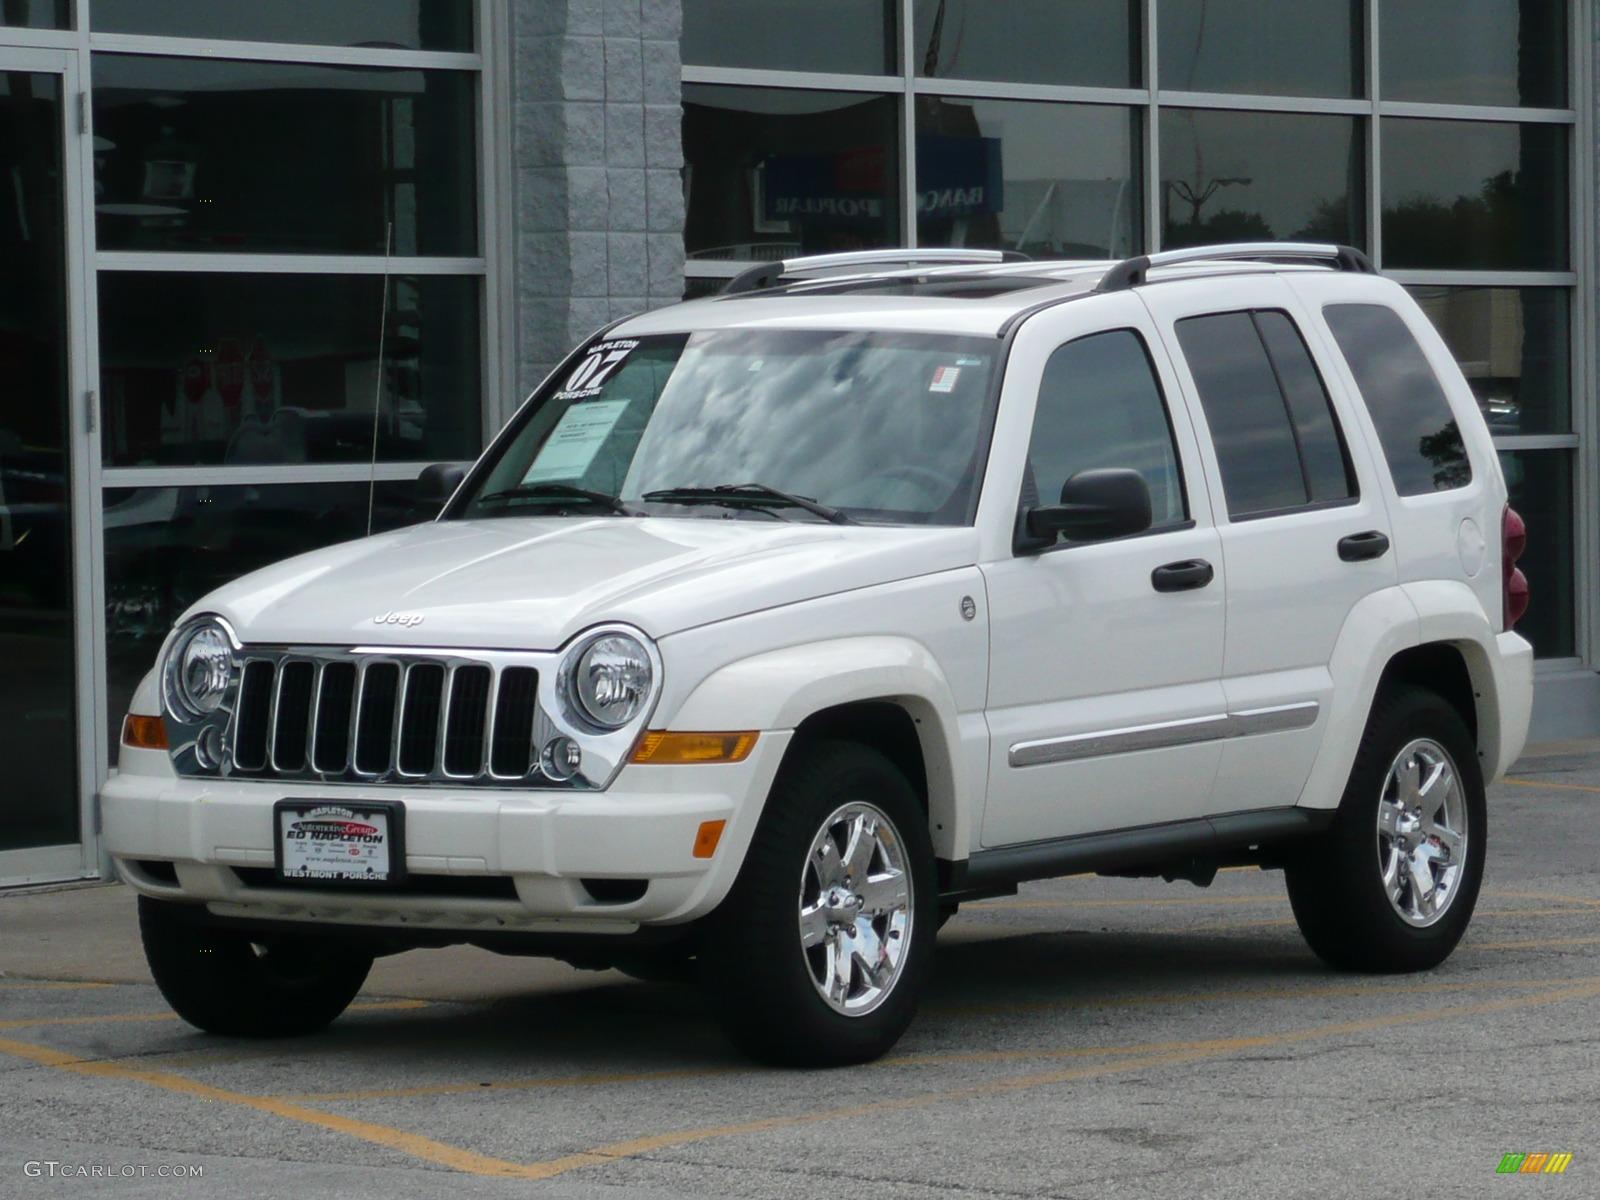 Stone White Jeep Liberty. Jeep Liberty Limited 4x4